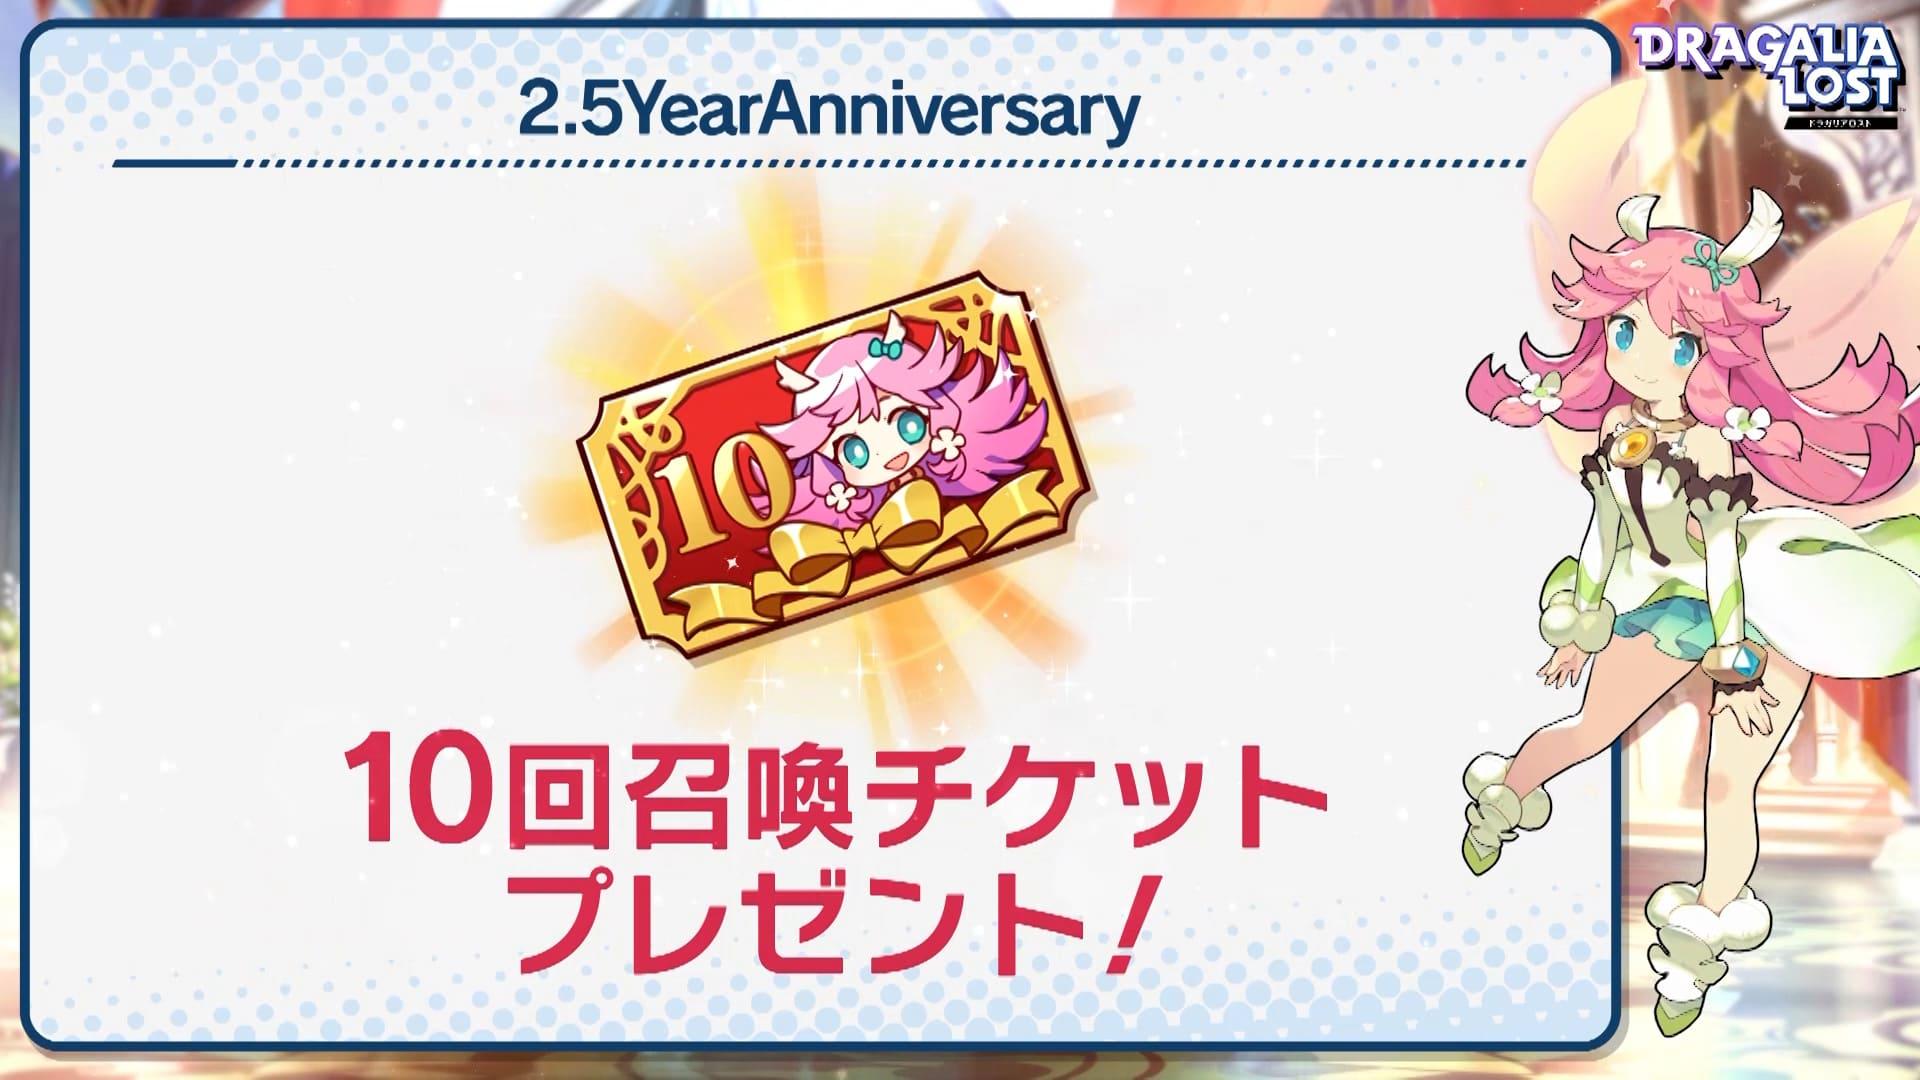 2.5Year Anniversary